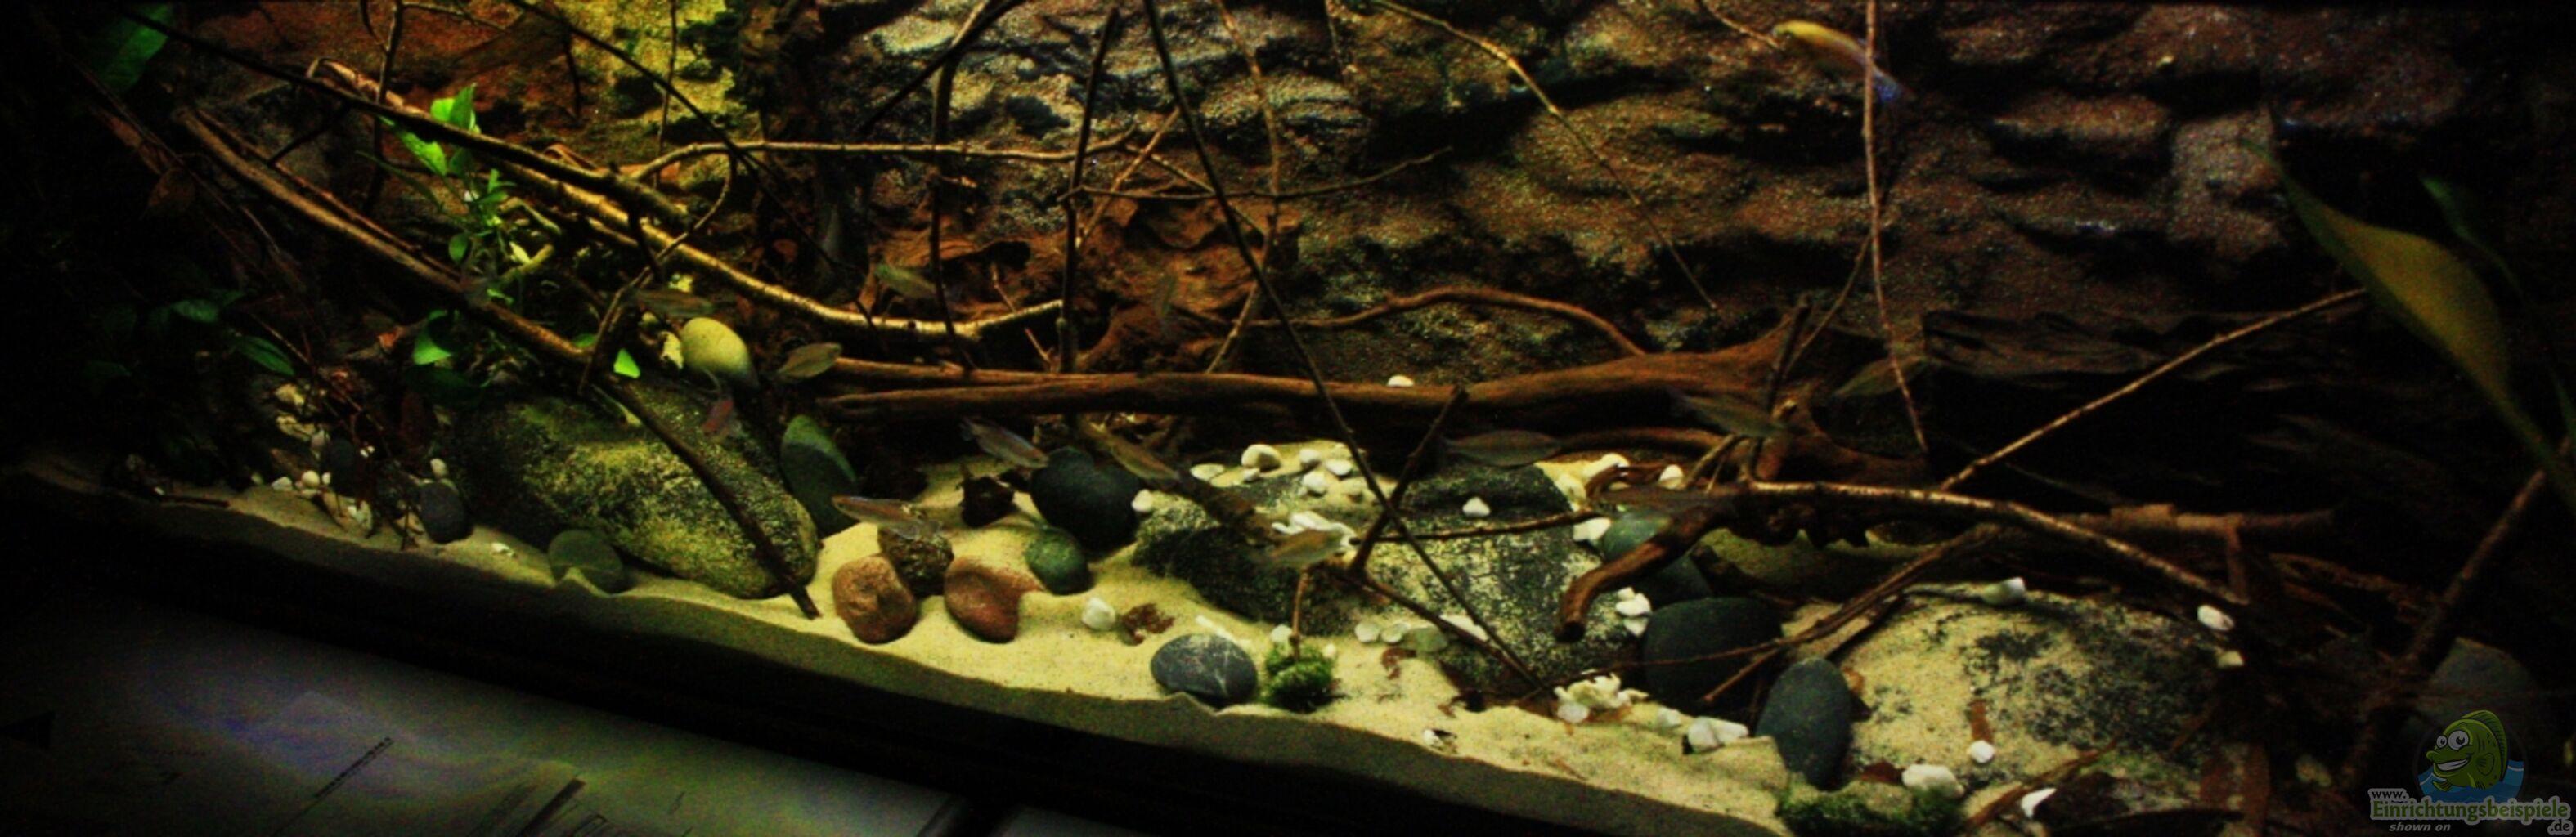 Blogartikel Gestaltung im Aquarium, der Natur angepasst, es ist so ...